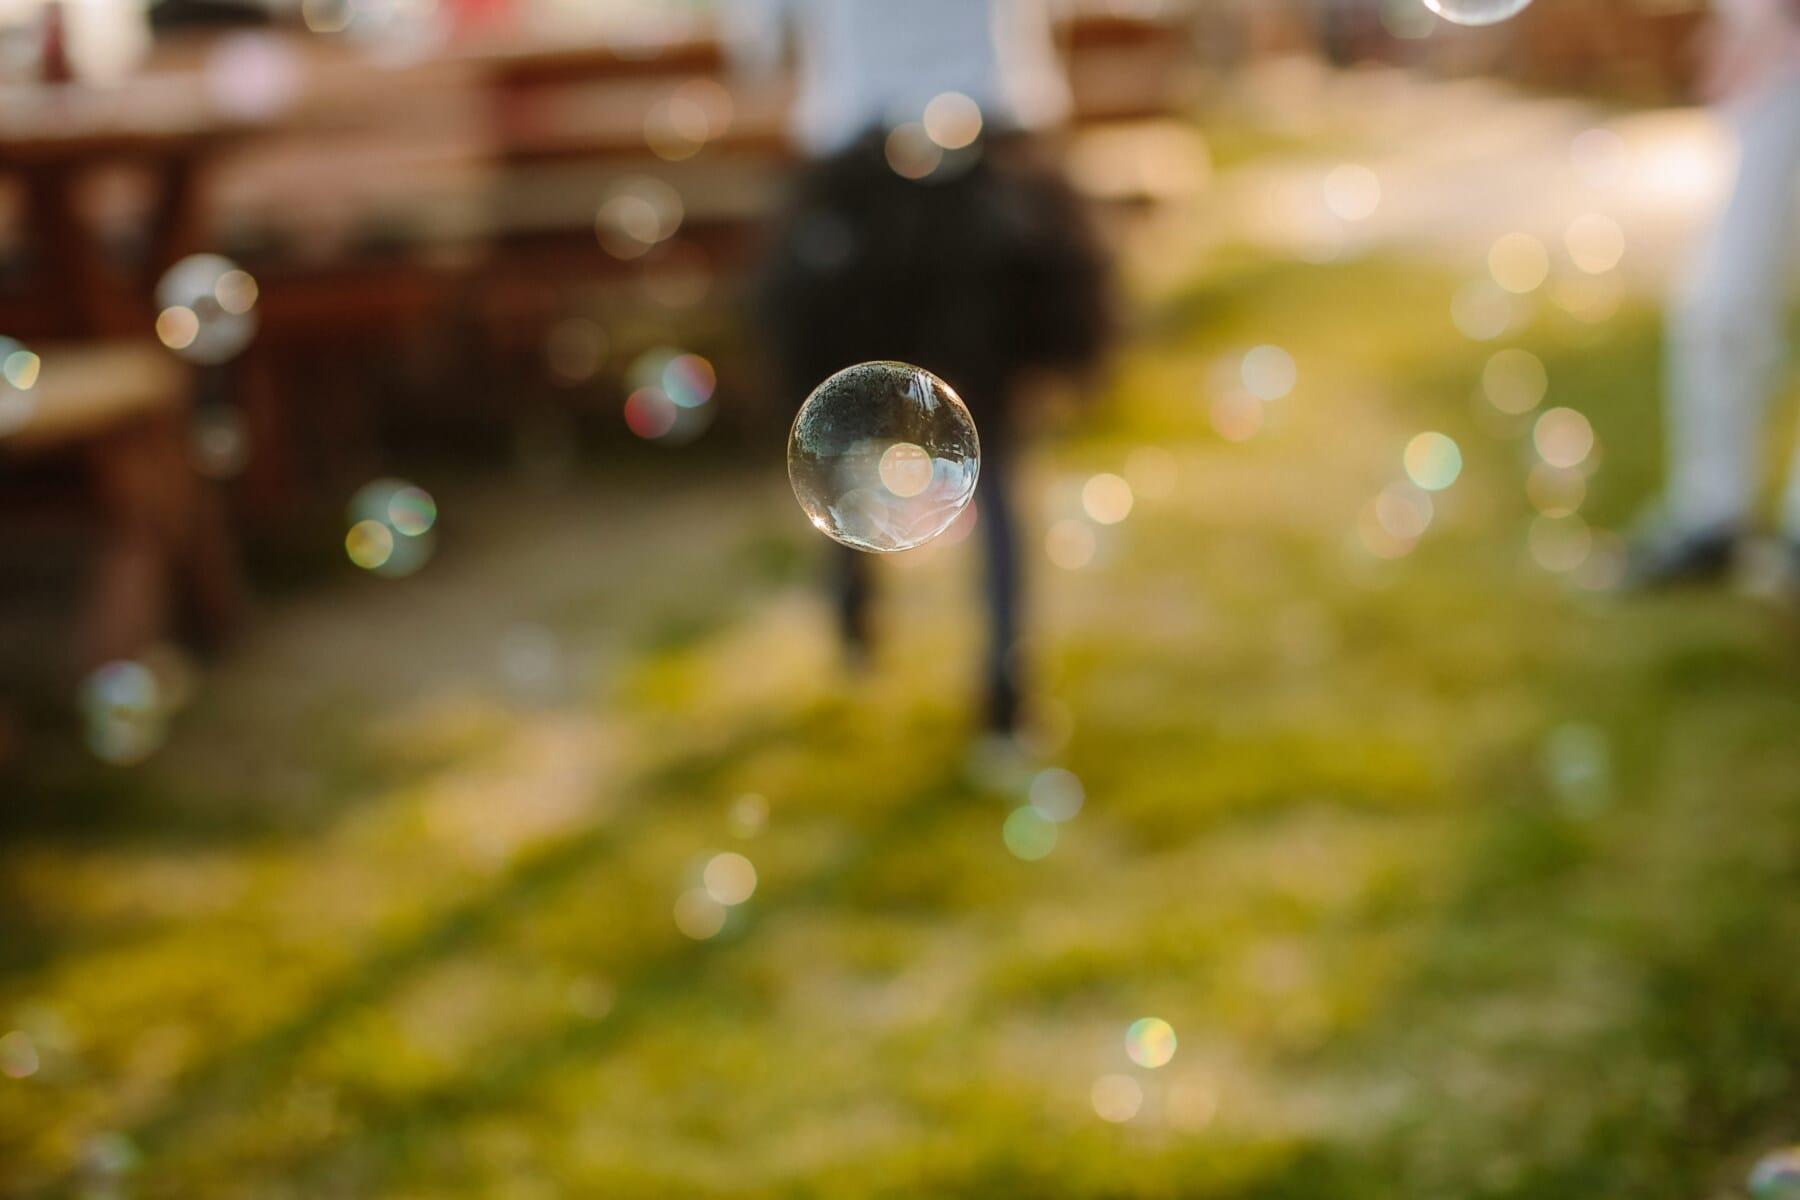 cetka, ucho, levitace, kola, koule, létání, svítí, reflexe, zaměření, rozostření